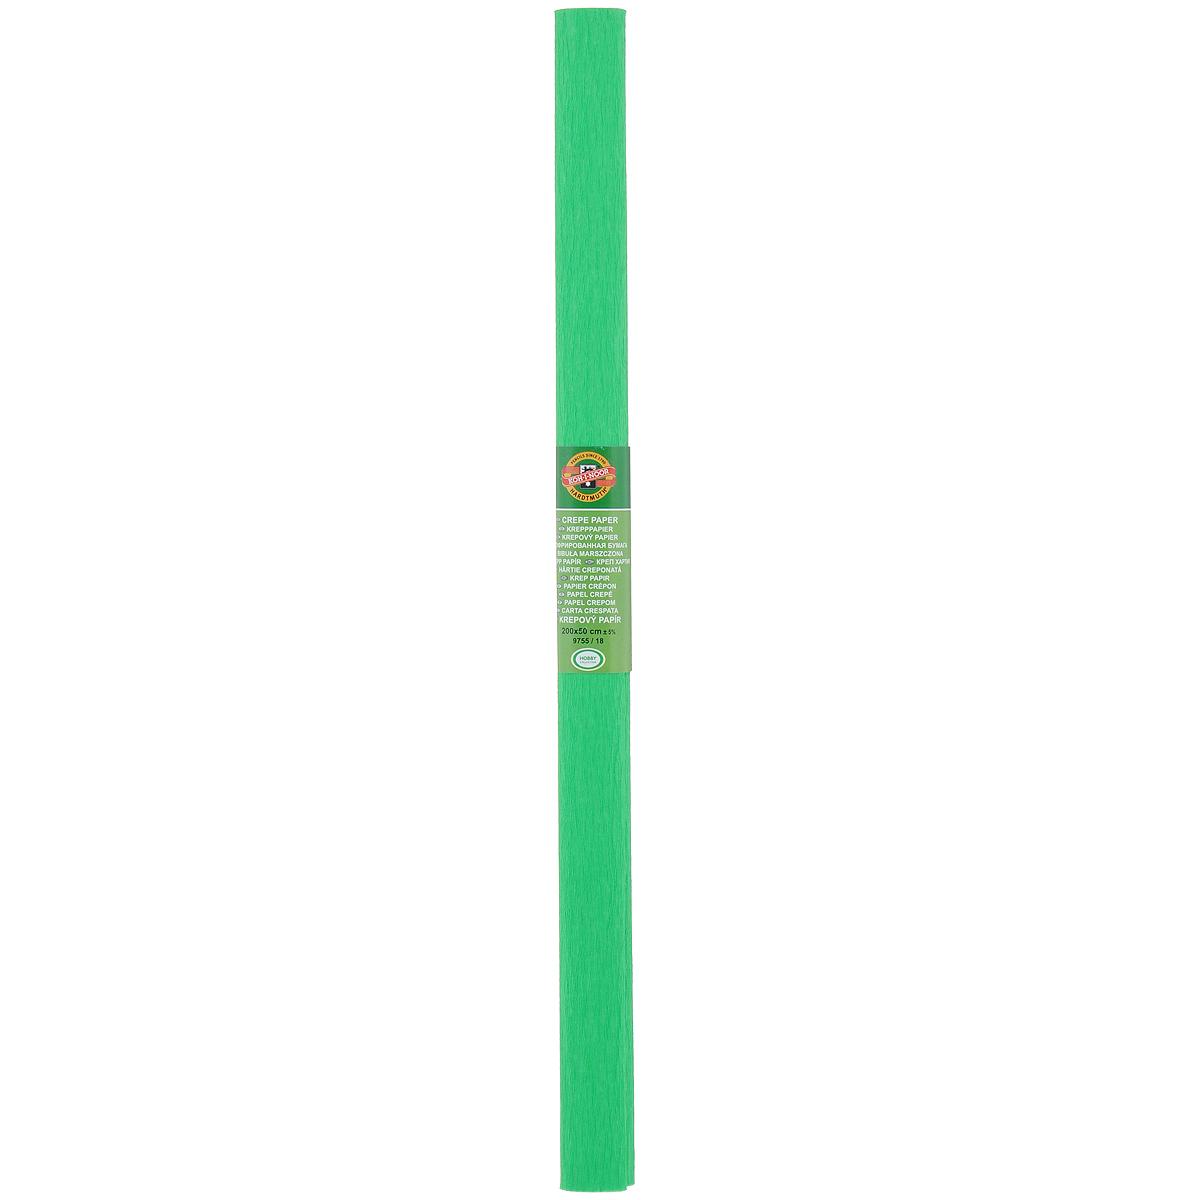 Бумага гофрированная Koh-I-Noor, цвет: зеленый, 50 см x 2 мRSP-202SГофрированная бумага Koh-I-Noor - прекрасный материал для декорирования, изготовления эффектной упаковки и различных поделок. Бумага прекрасно держит форму, не пачкает руки, отлично крепится и замечательно подходит для изготовления праздничной упаковки для цветов.